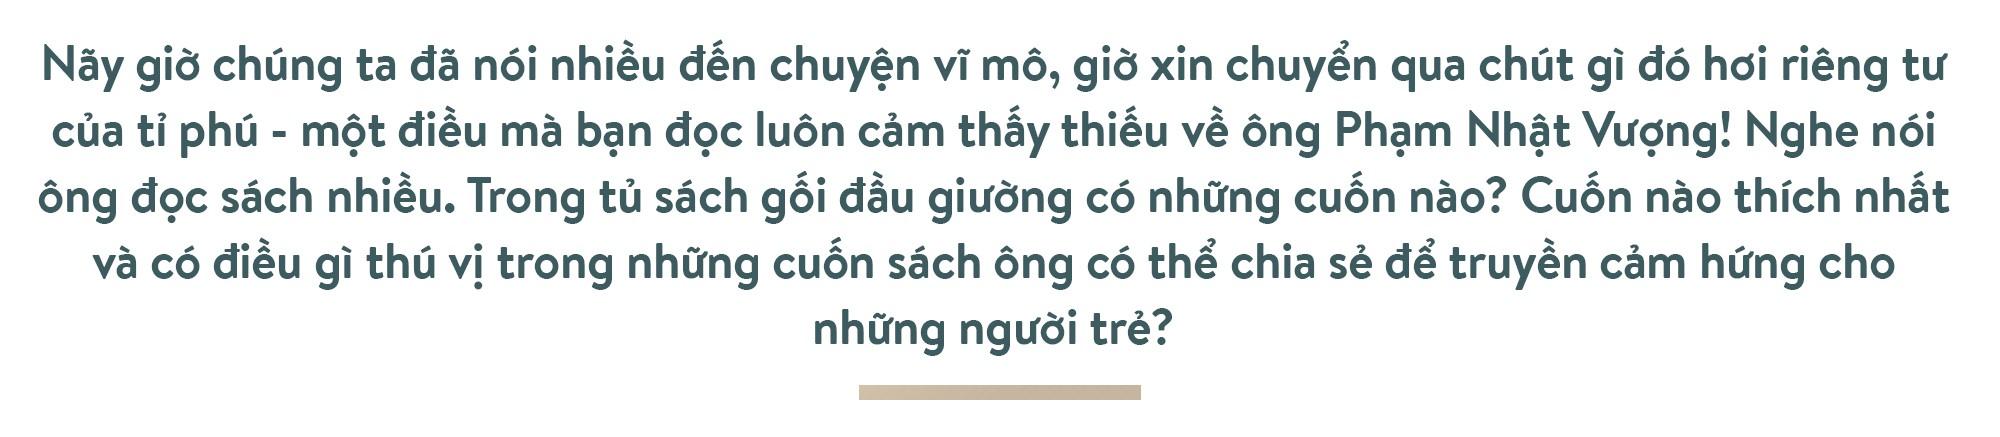 Ông Phạm Nhật Vượng: Thế giới phải biết Việt Nam trí tuệ, đẳng cấp - Ảnh 19.